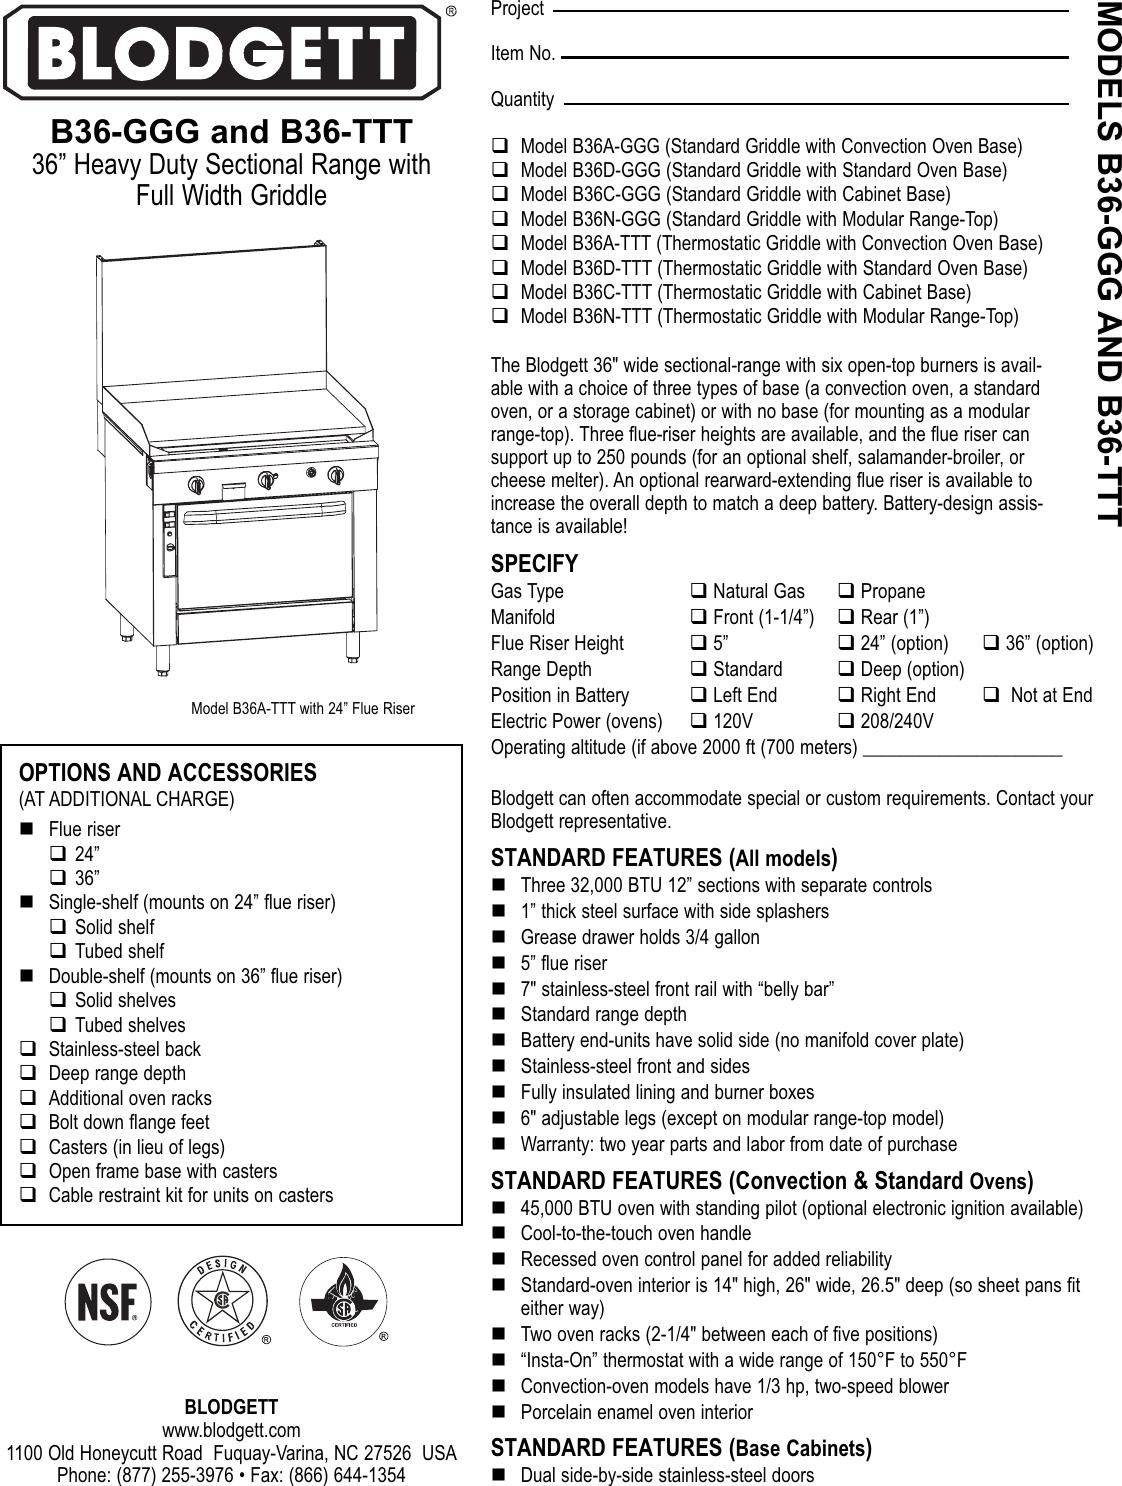 Blodgett B36 GGG TTT.qxp User Manual To The Fd9f19c2 7494 69b4 9900  3aa0296ebd7a